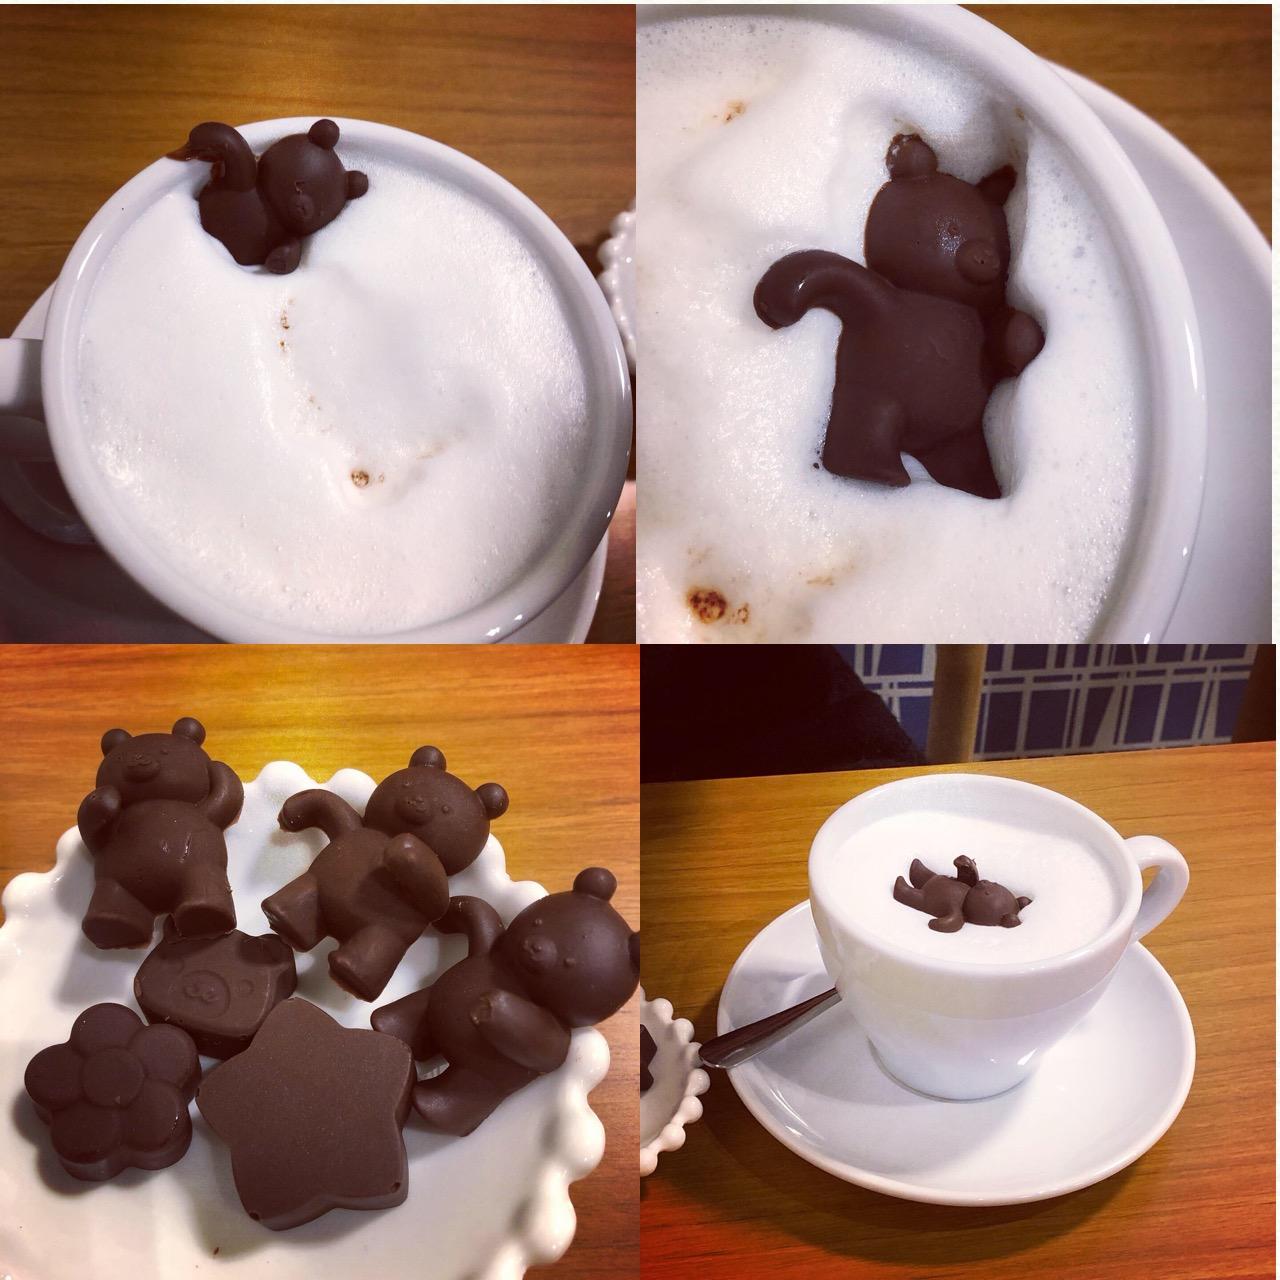 <福岡*博多>くまさんを沈める?!念願の冬季限定ドリンクを求めて人気のカフェへ行ってきました!♡_6